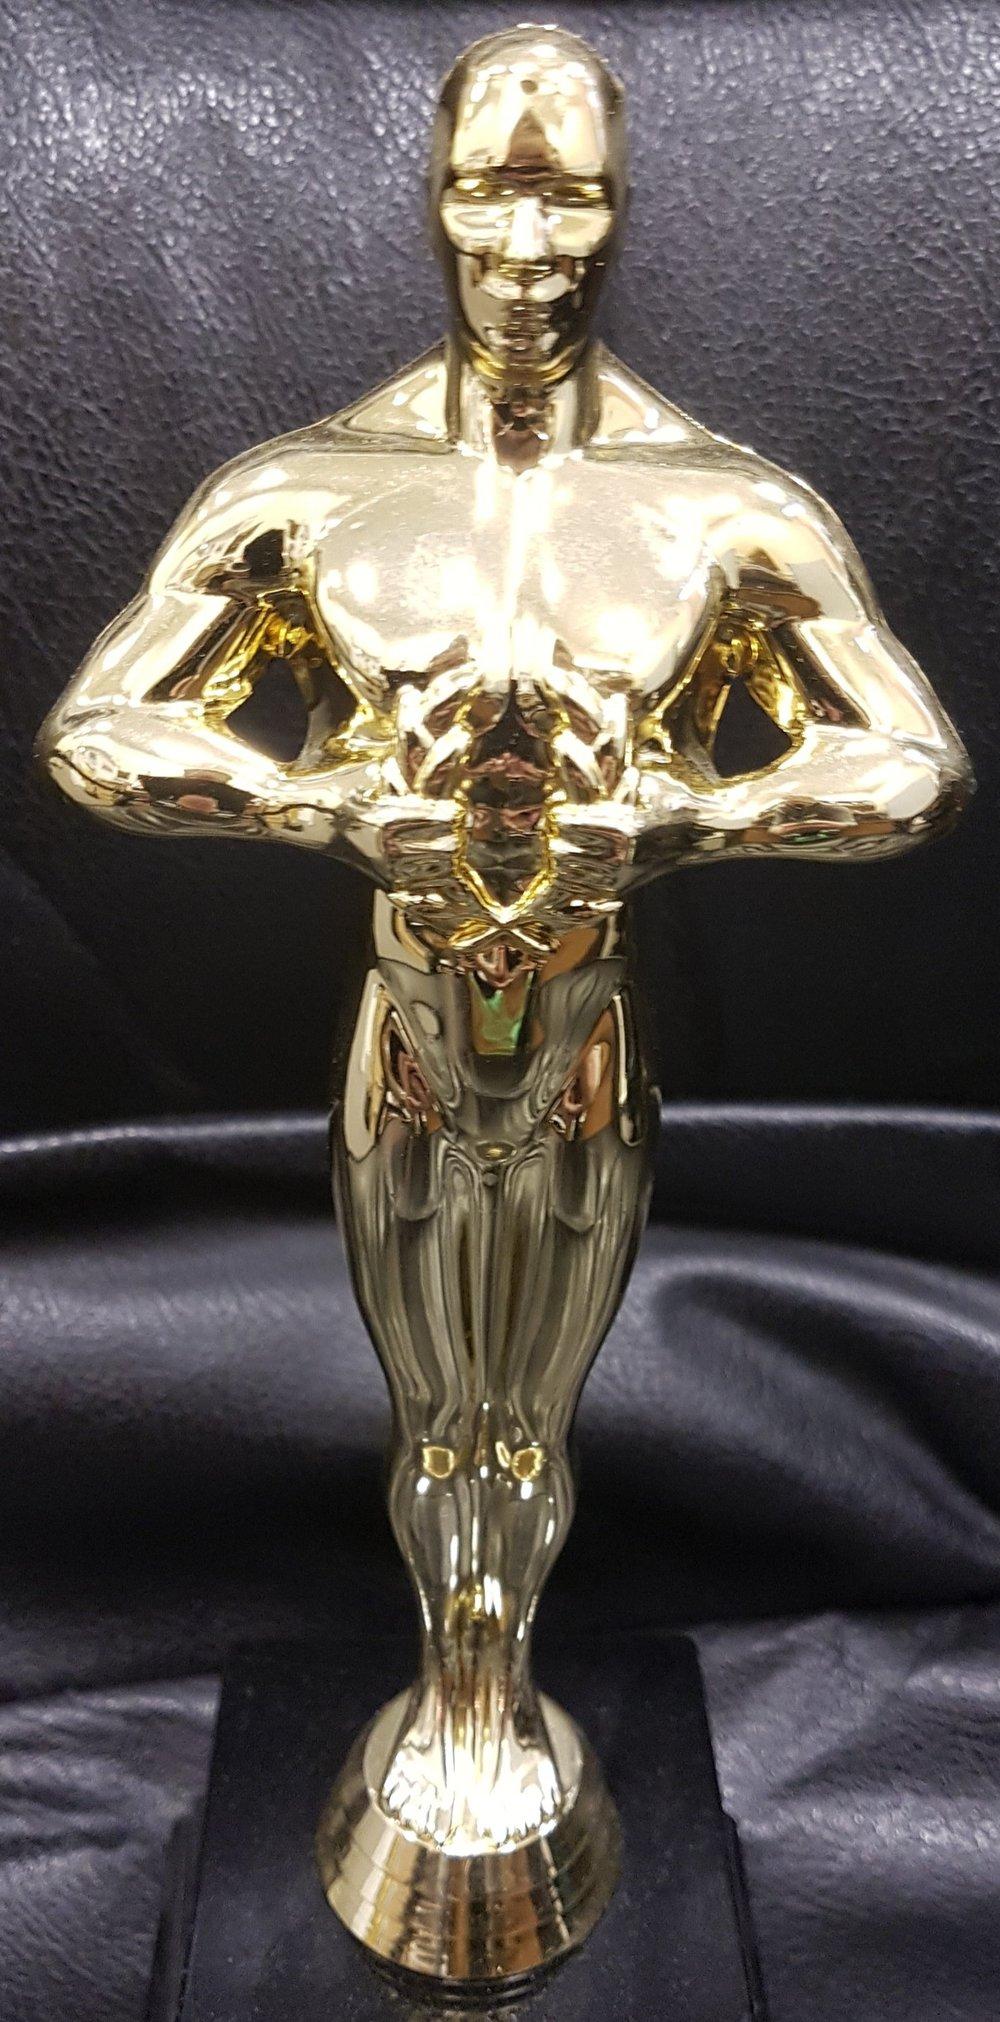 A&E Celebrating Success Awards 2017 - Trophy